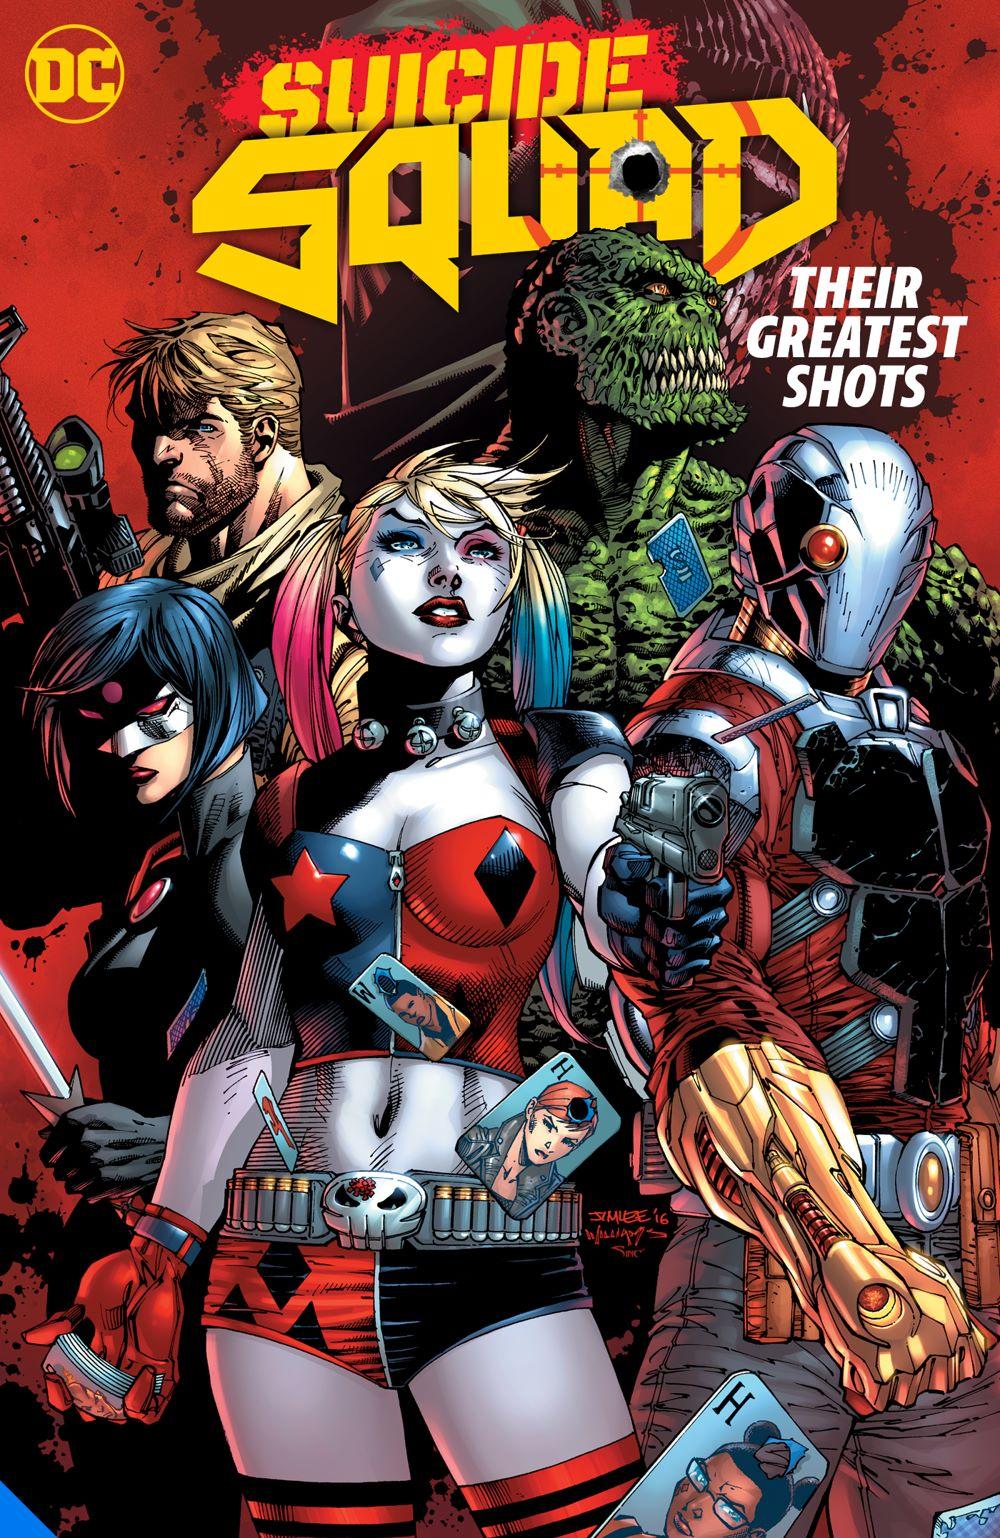 sucidesquadtheirgreatestshots_adv DC Comics June 2021 Solicitations